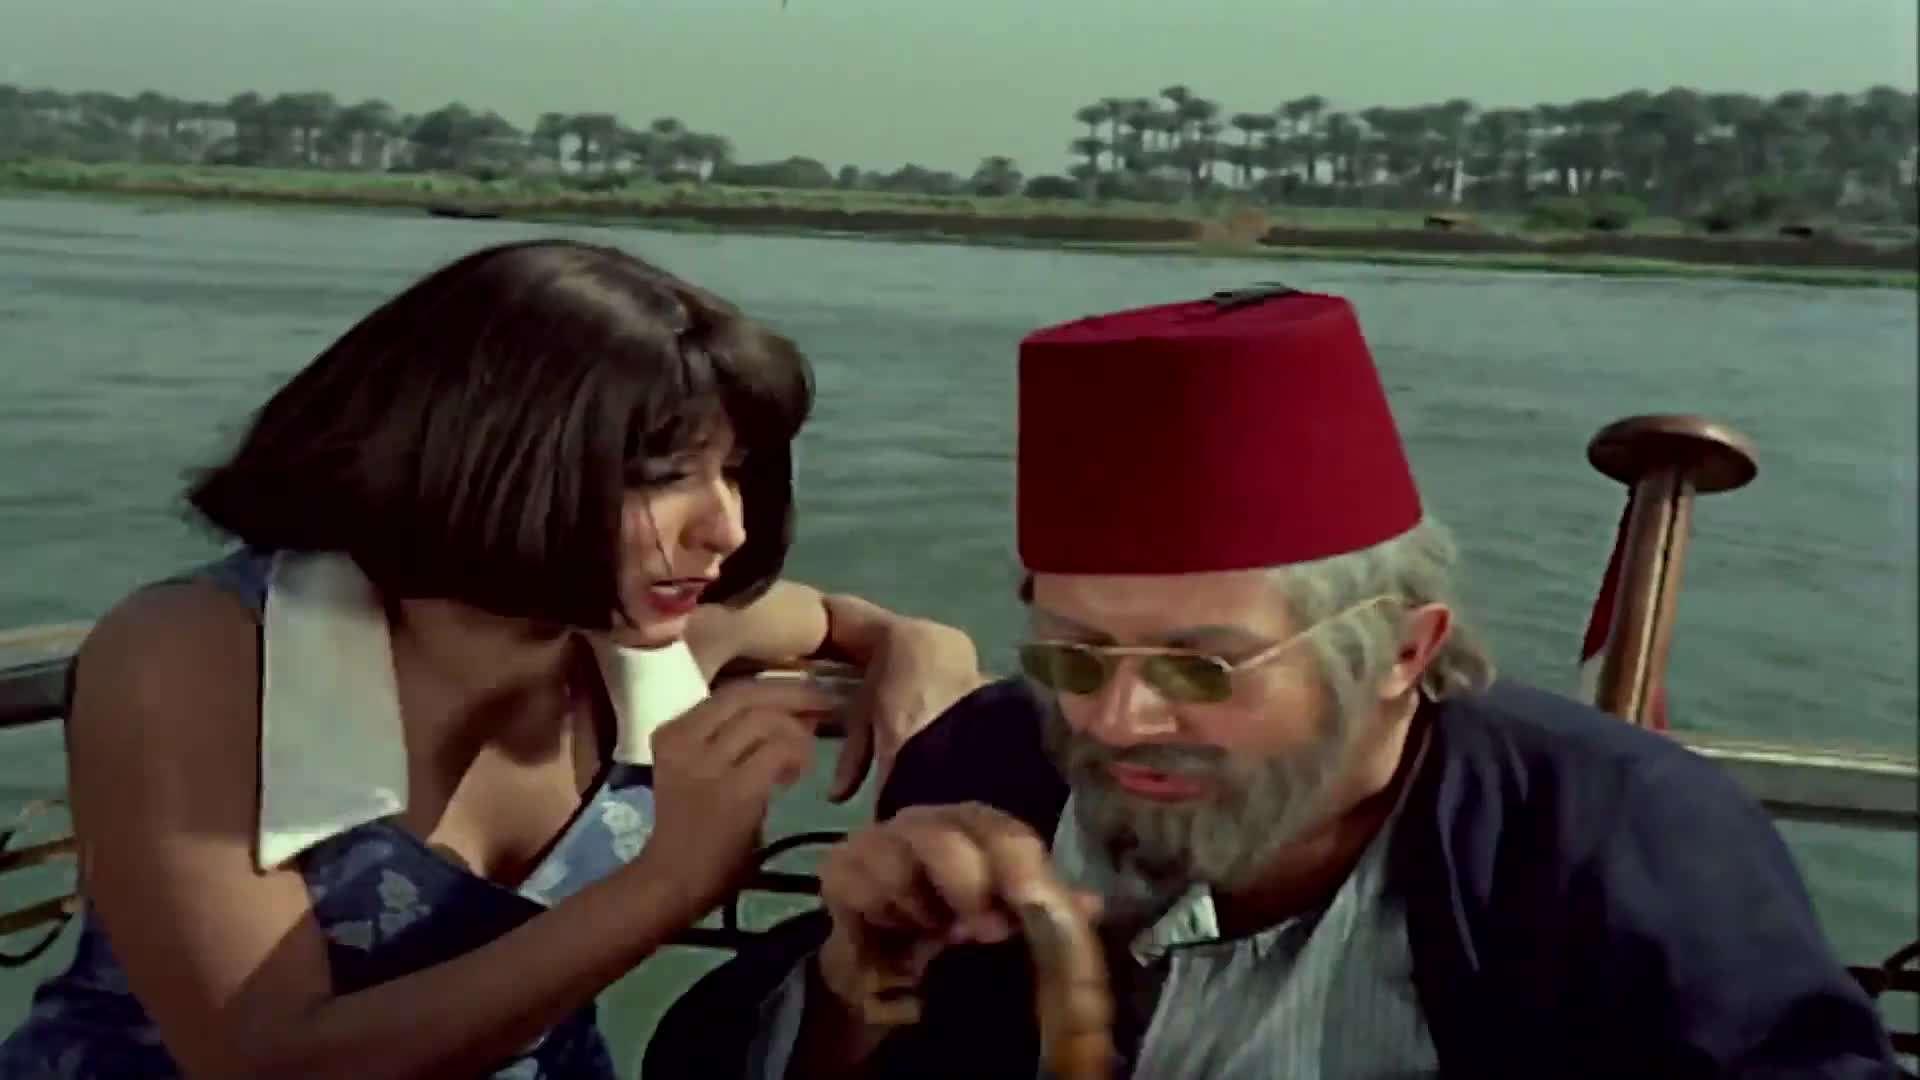 [فيلم][تورنت][تحميل][الكل عاوز يحب][1975][1080p][Web-DL] 11 arabp2p.com